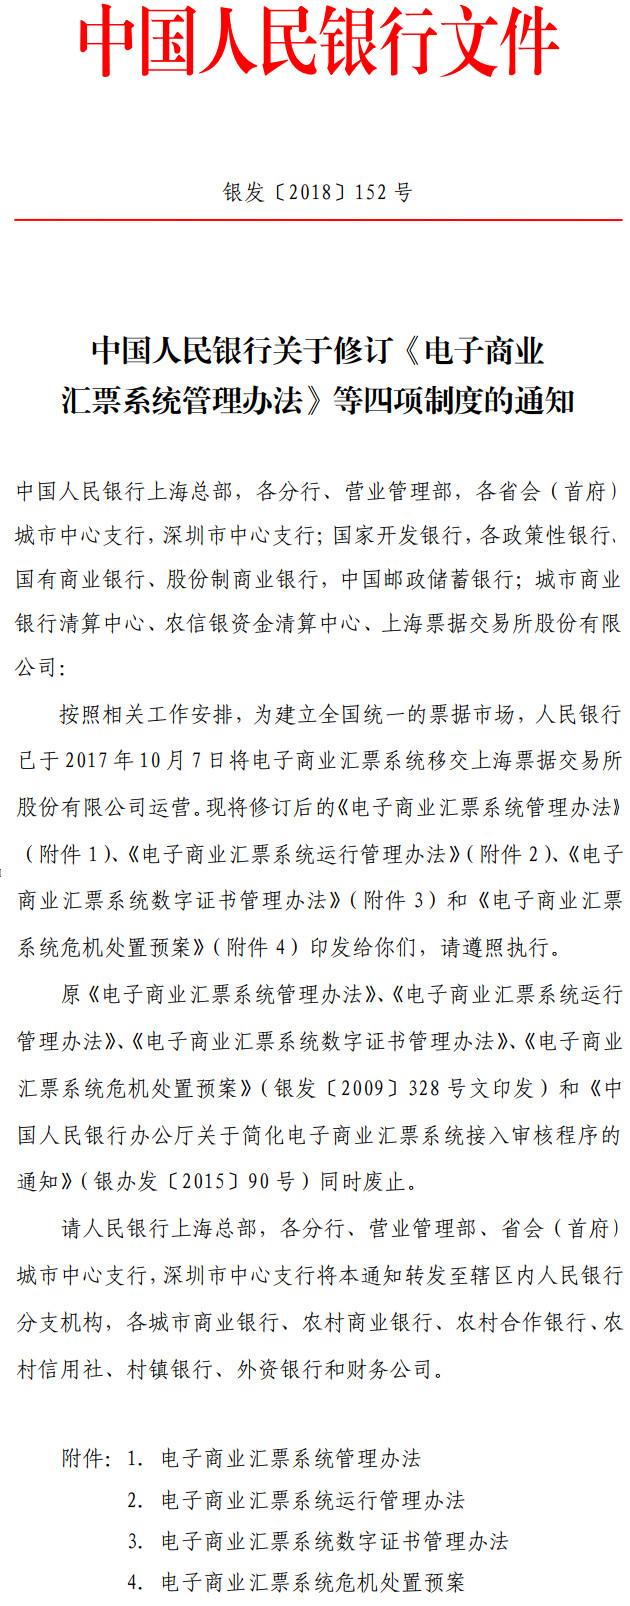 银发〔2018〕152号《中国人民银行关于修订〈电子商业汇票系统管理办法〉等四项制度的通知》